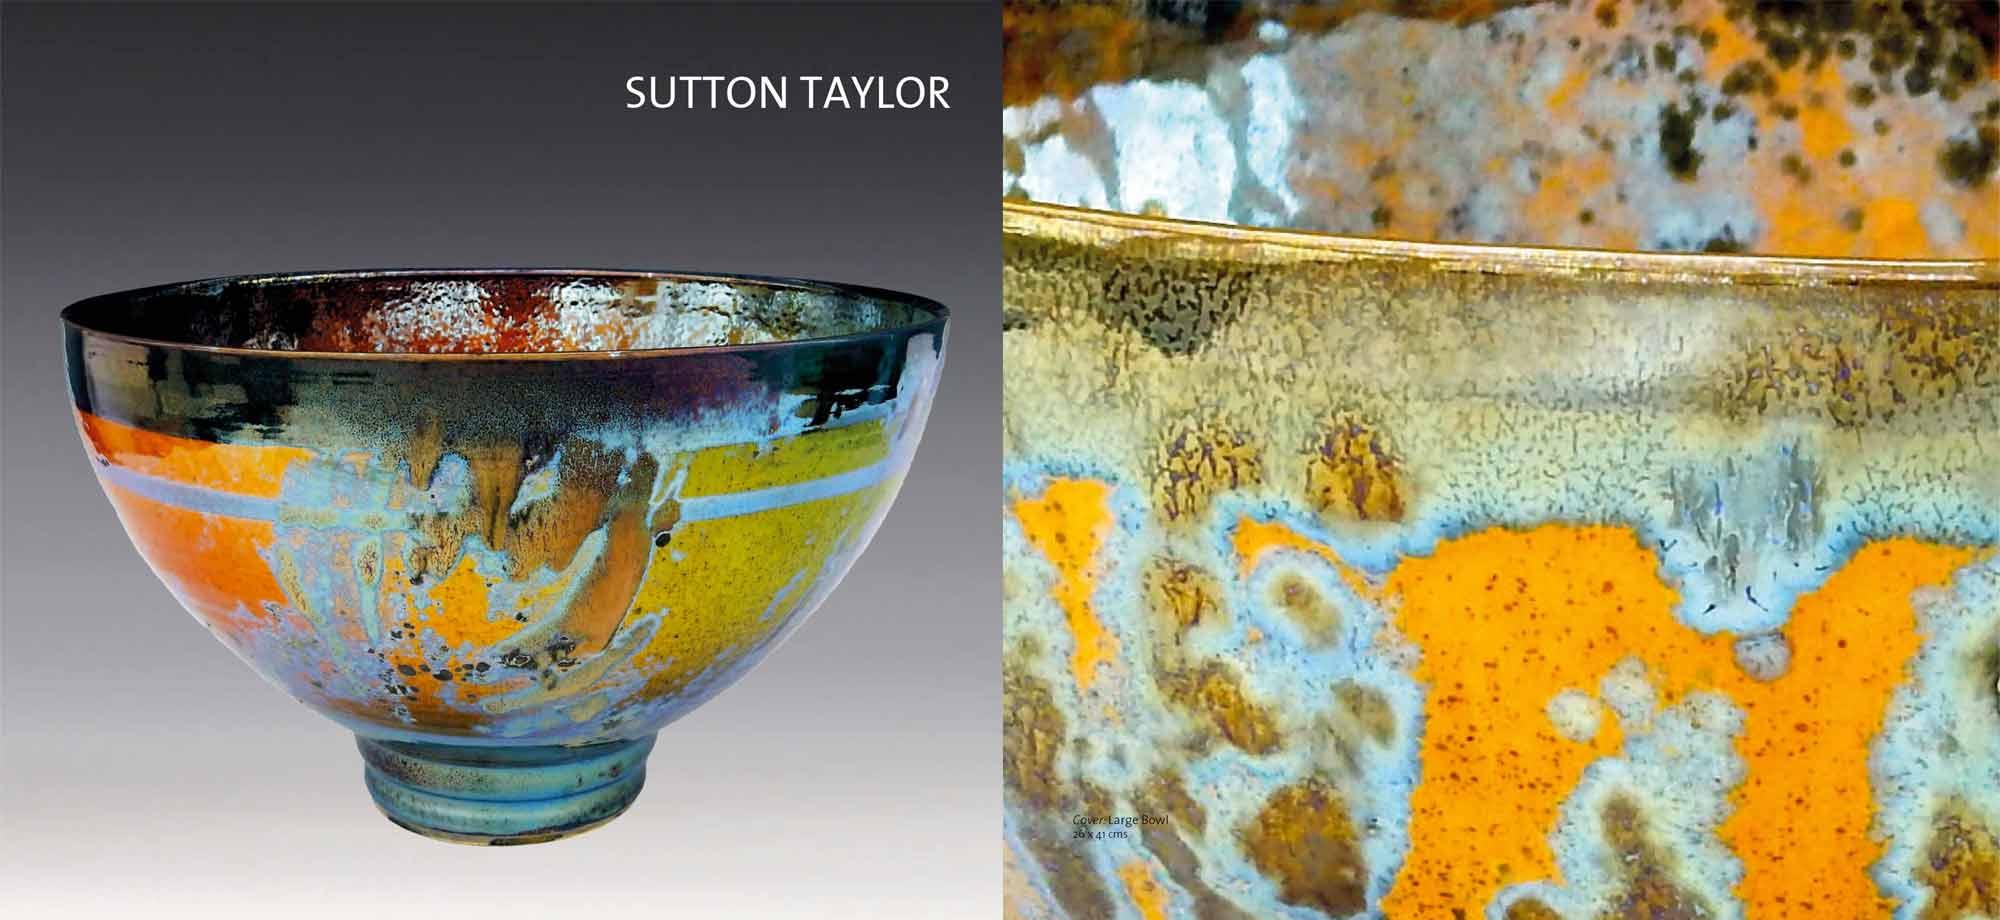 Sutton Taylor publication